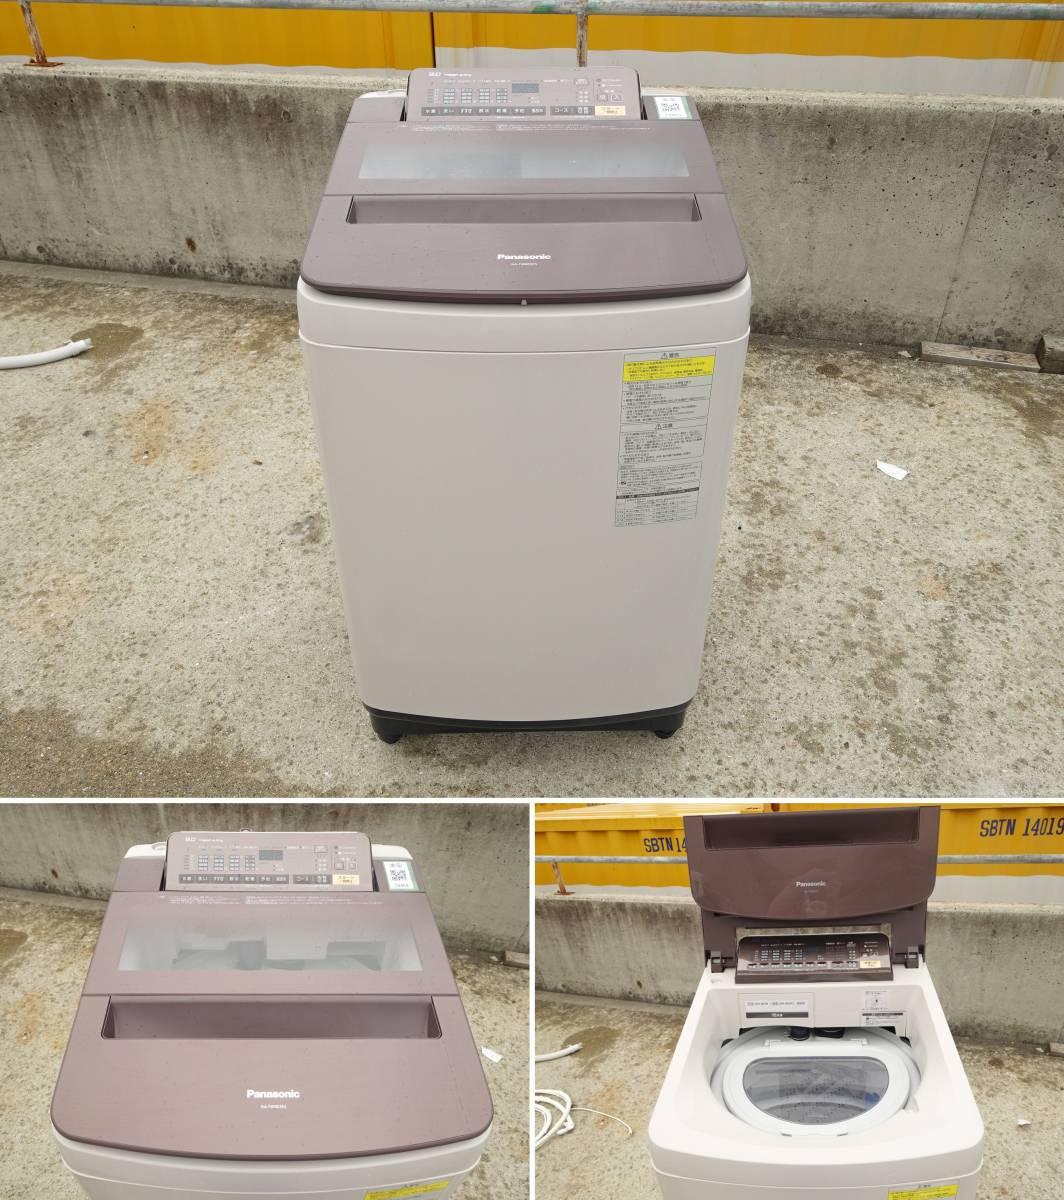 【中古】O▲パナソニック 洗濯乾燥機 洗濯機 2016年 9.0kg 乾燥 4.5kg すっきりフロント 泡洗浄 ステンレス槽 NA-FW903KS (19469)_画像2